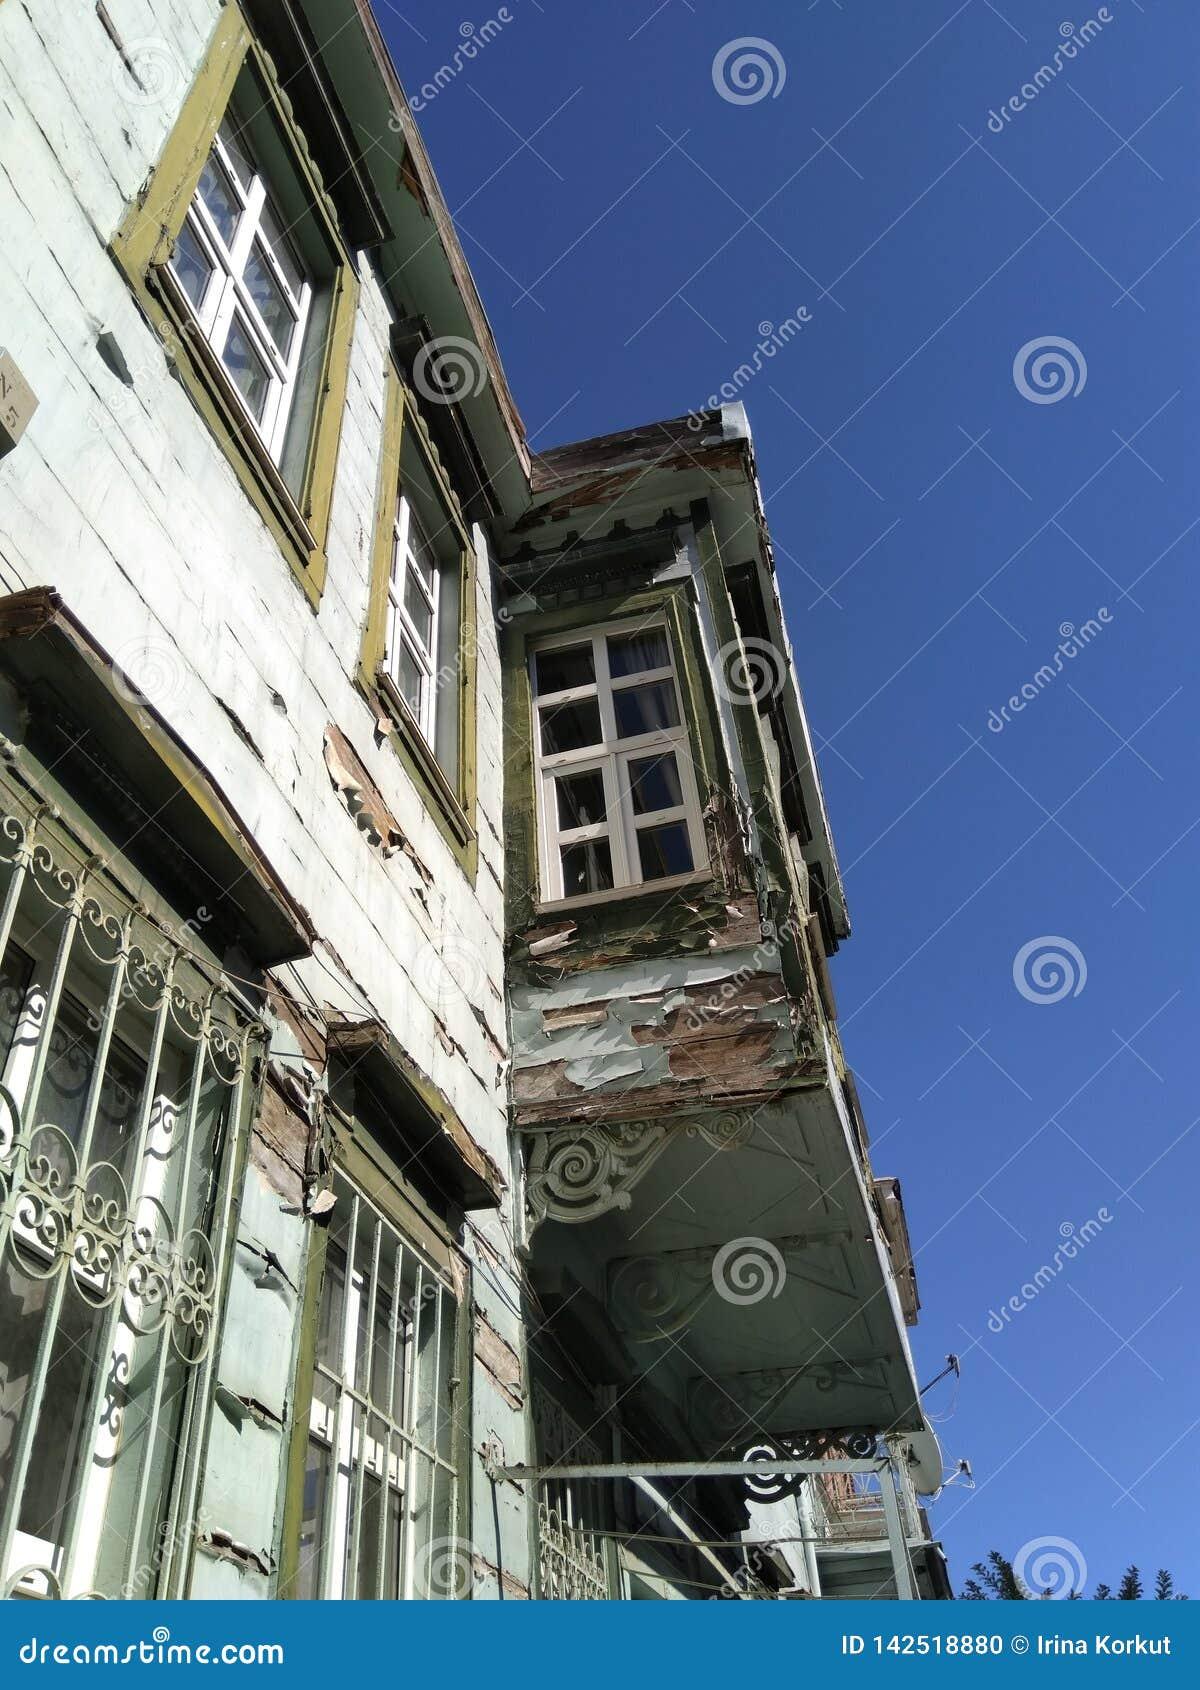 Casa di due piani molto vecchia con il balcone